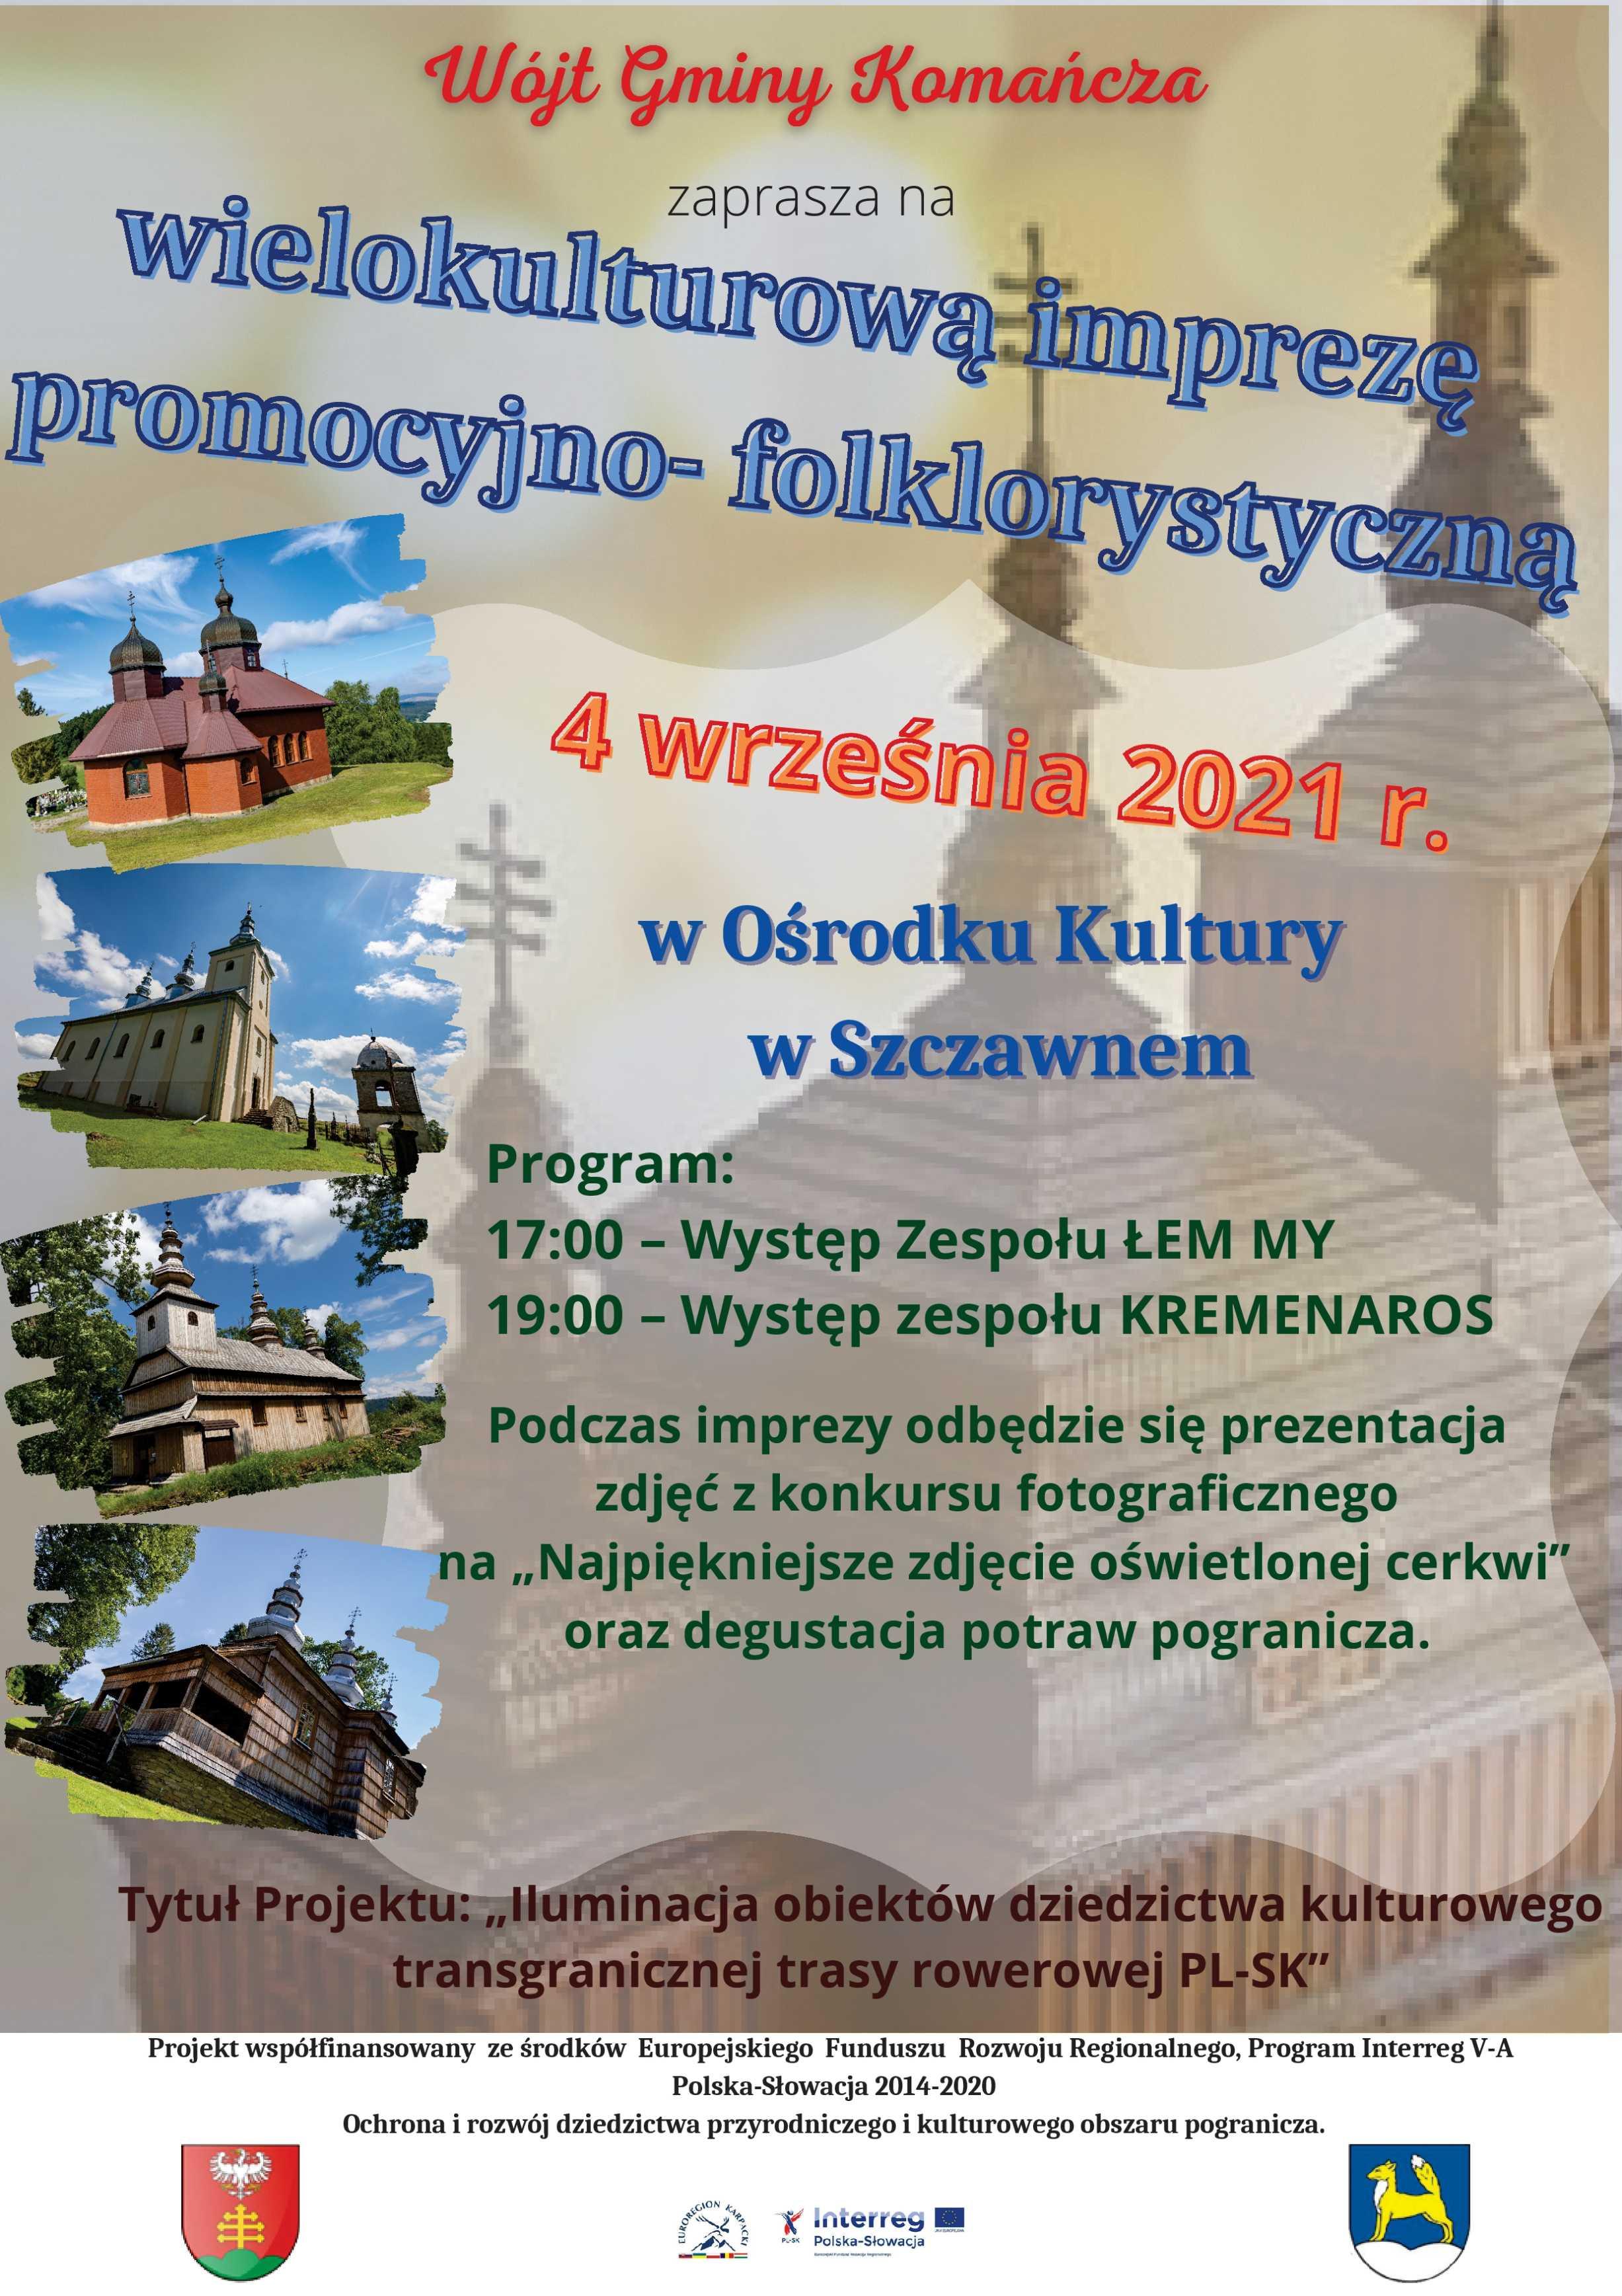 zaproszenie na imprezę 4 września